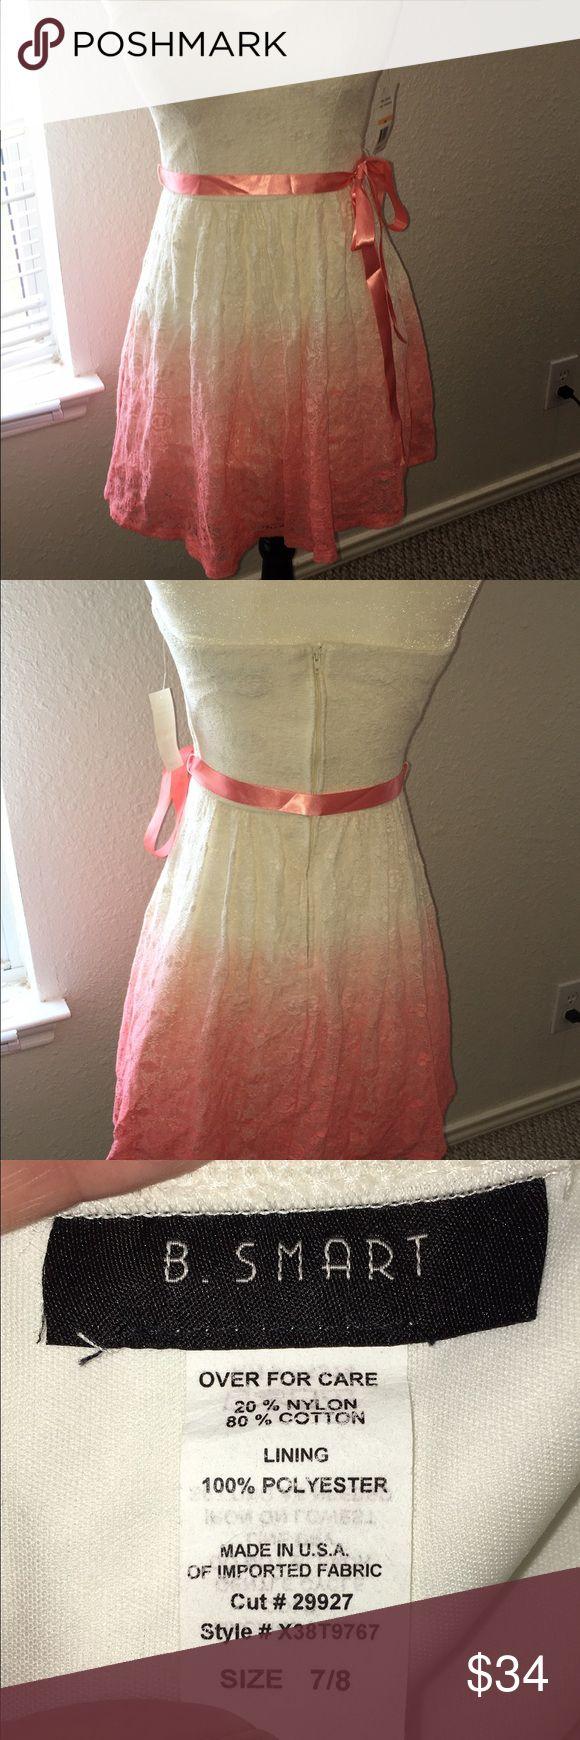 B smart long dresses 1920s